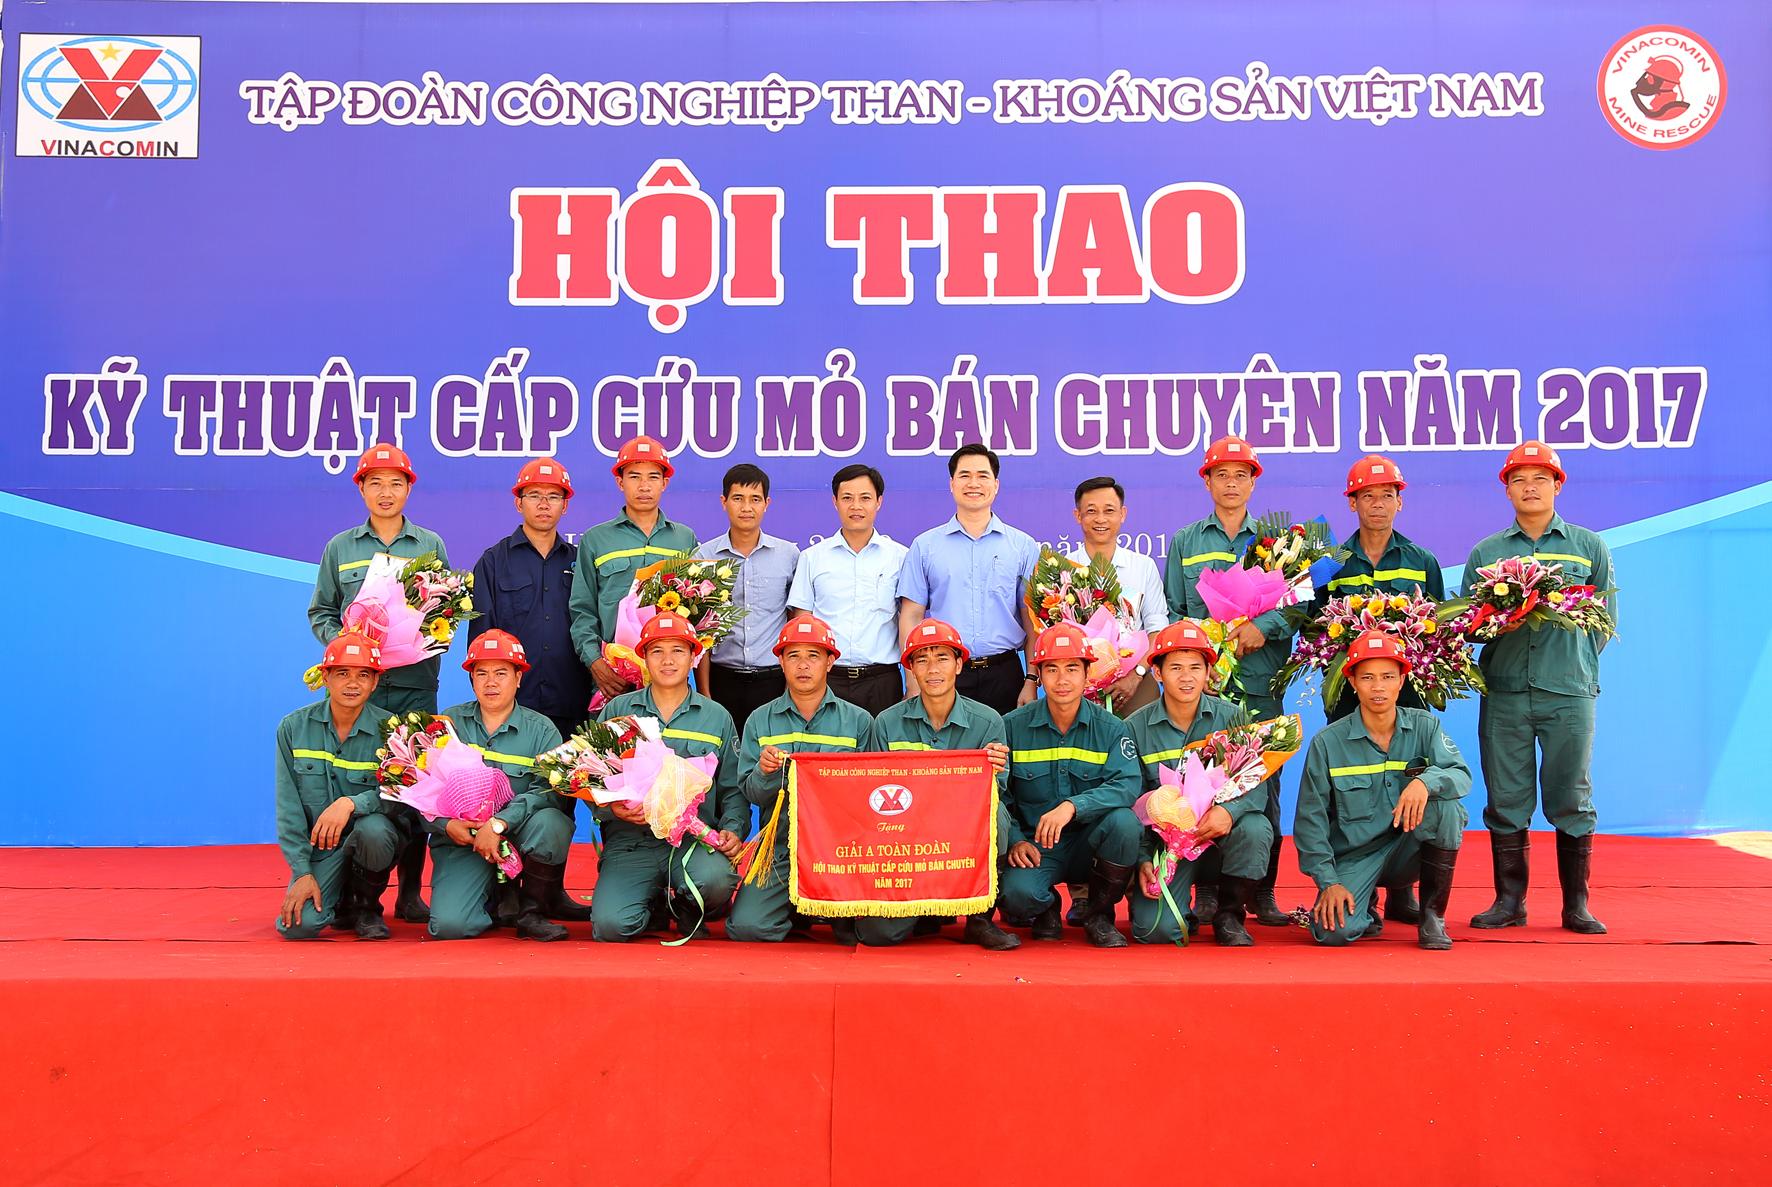 Tự hào những chiến sĩ CCM (7)